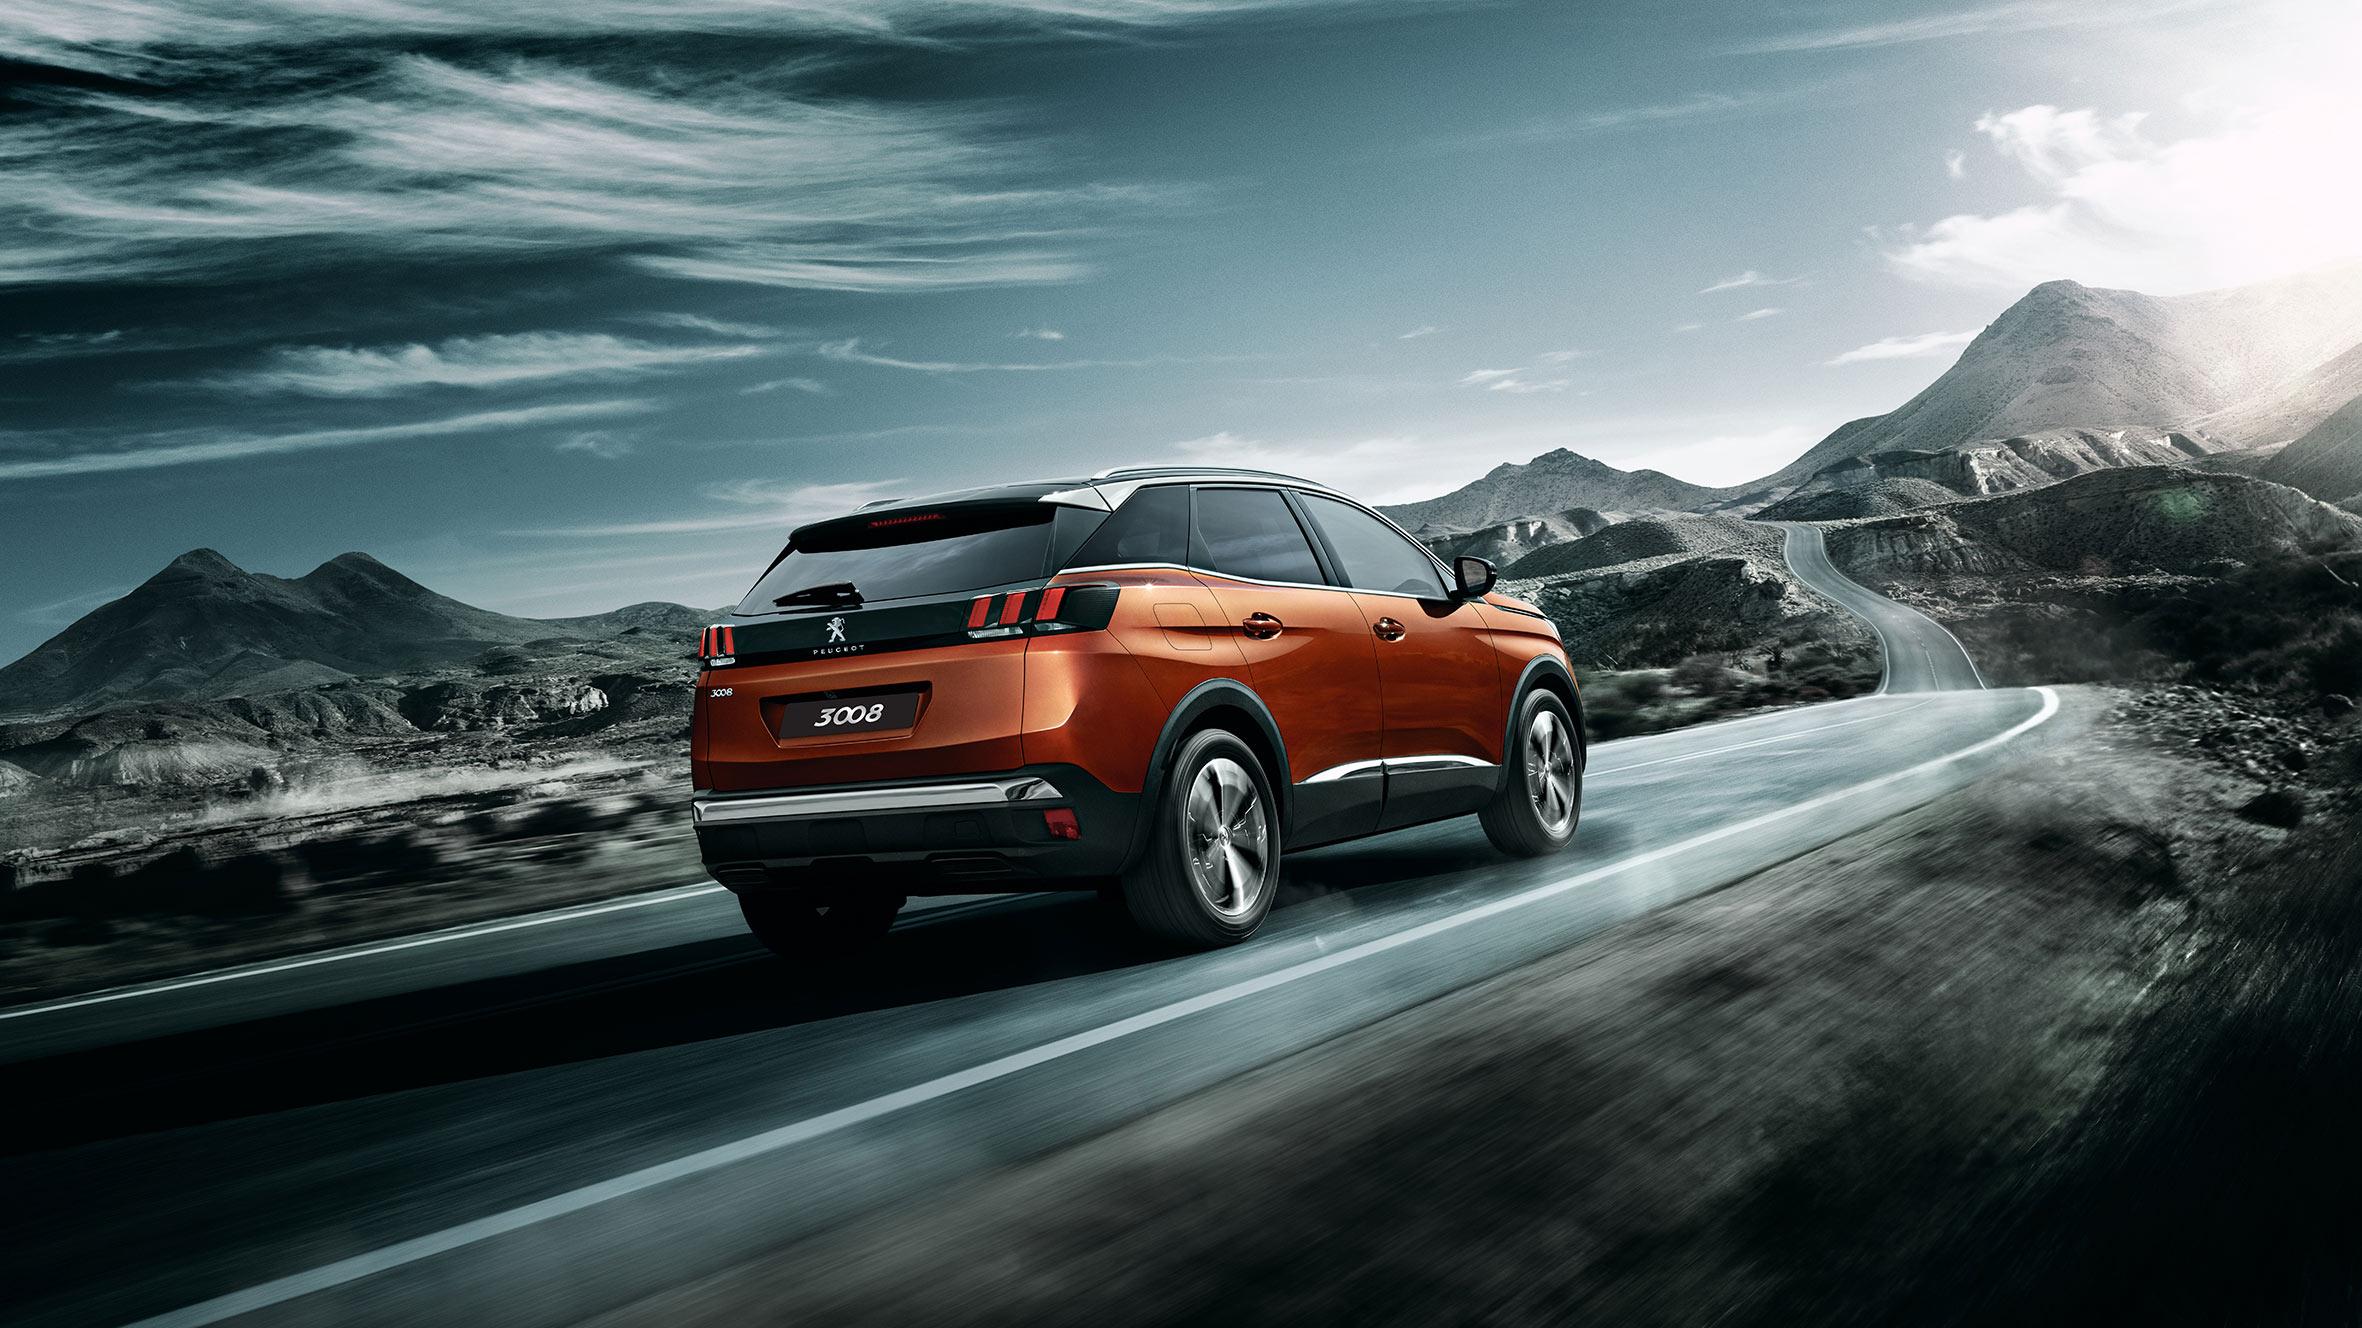 """Những công nghệ đặc biệt giúp Peugeot 3008 """"ghi điểm"""" trong phân khúc SUV peugeot-3008-07.jpg"""